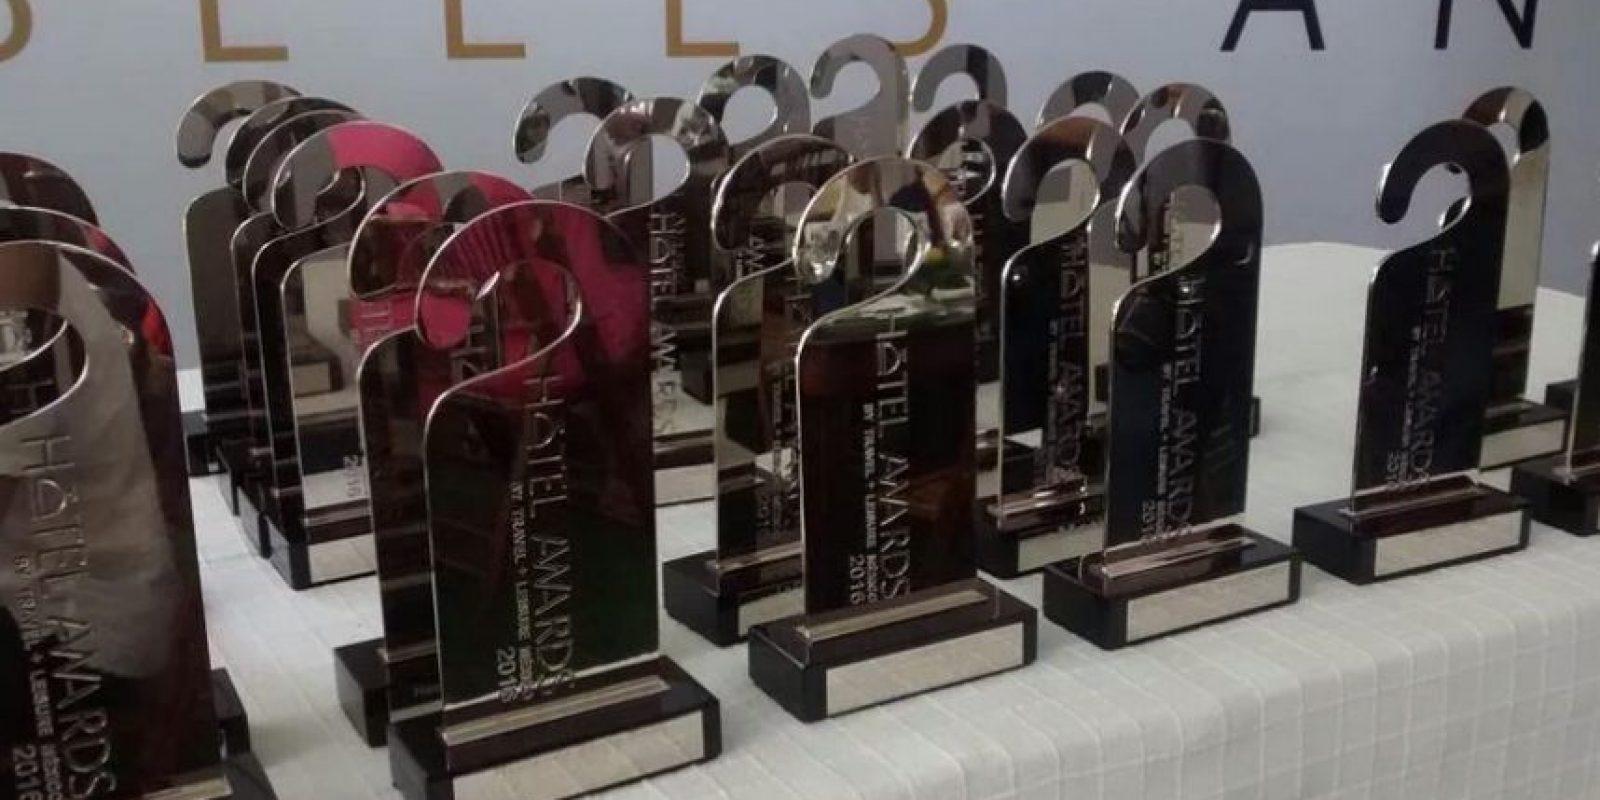 El reconocimiento premia por primera vez los mejores hoteles de México. Foto:Especial